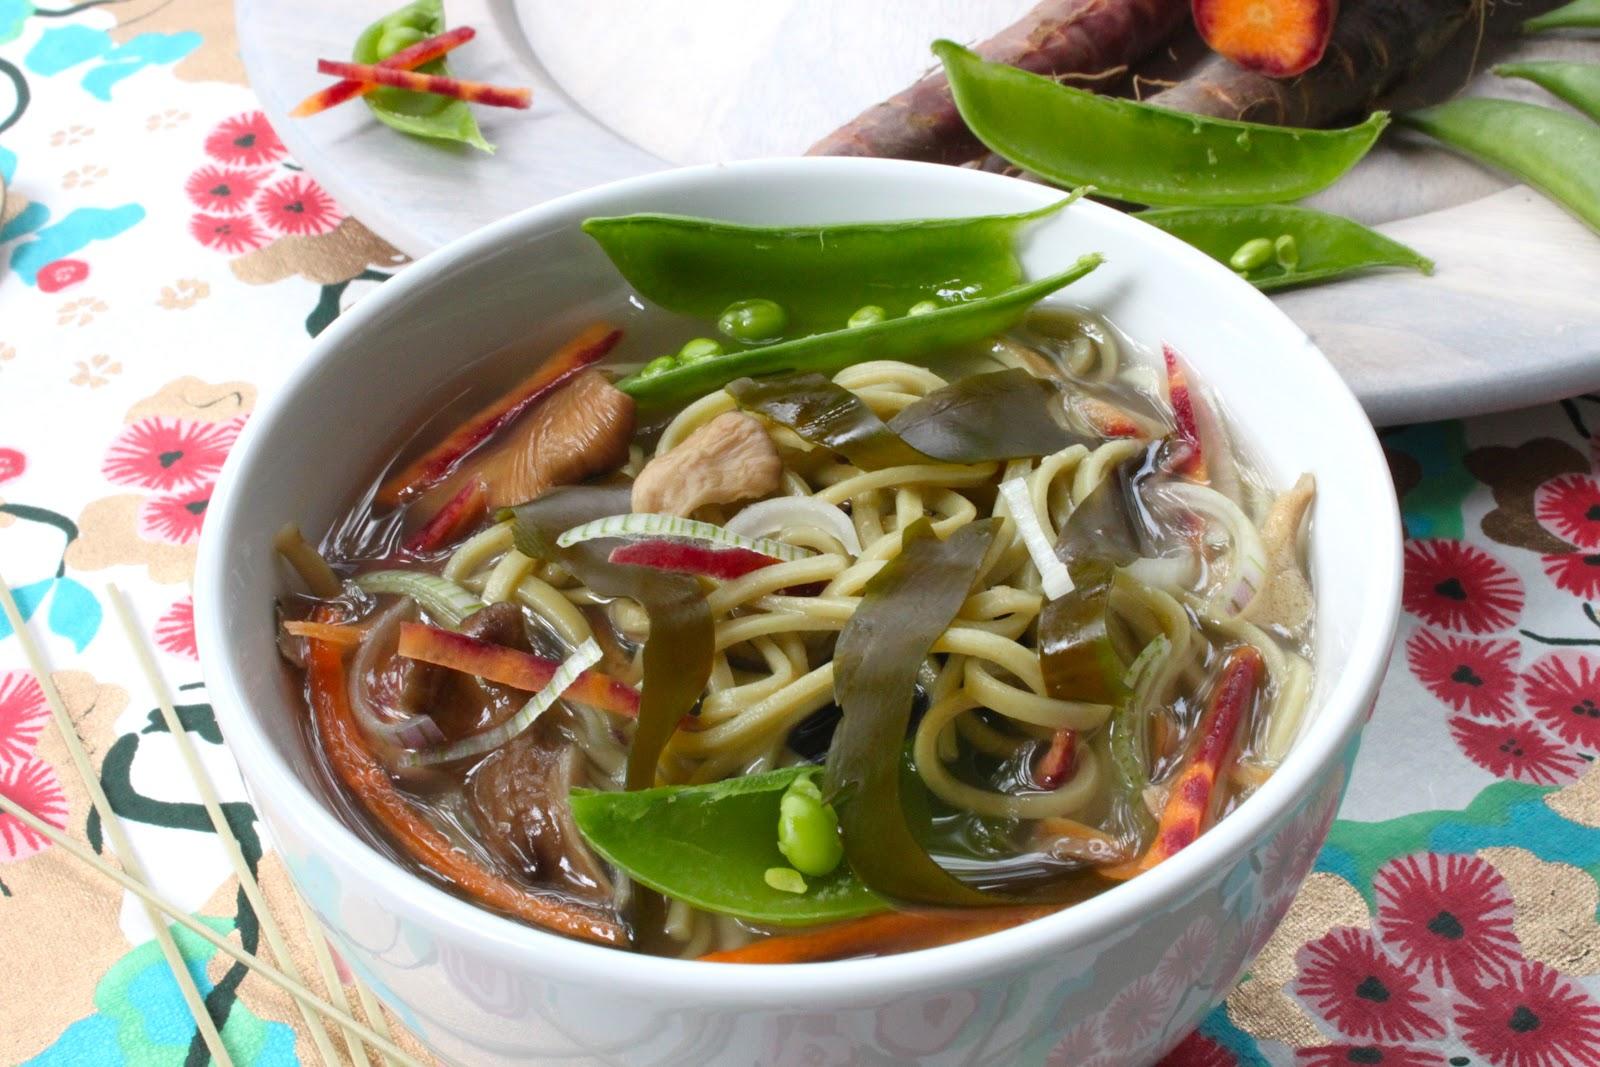 Petits repas entre amis soupe japonaise au mis0 maitake for Repas entre amis rapide et facile